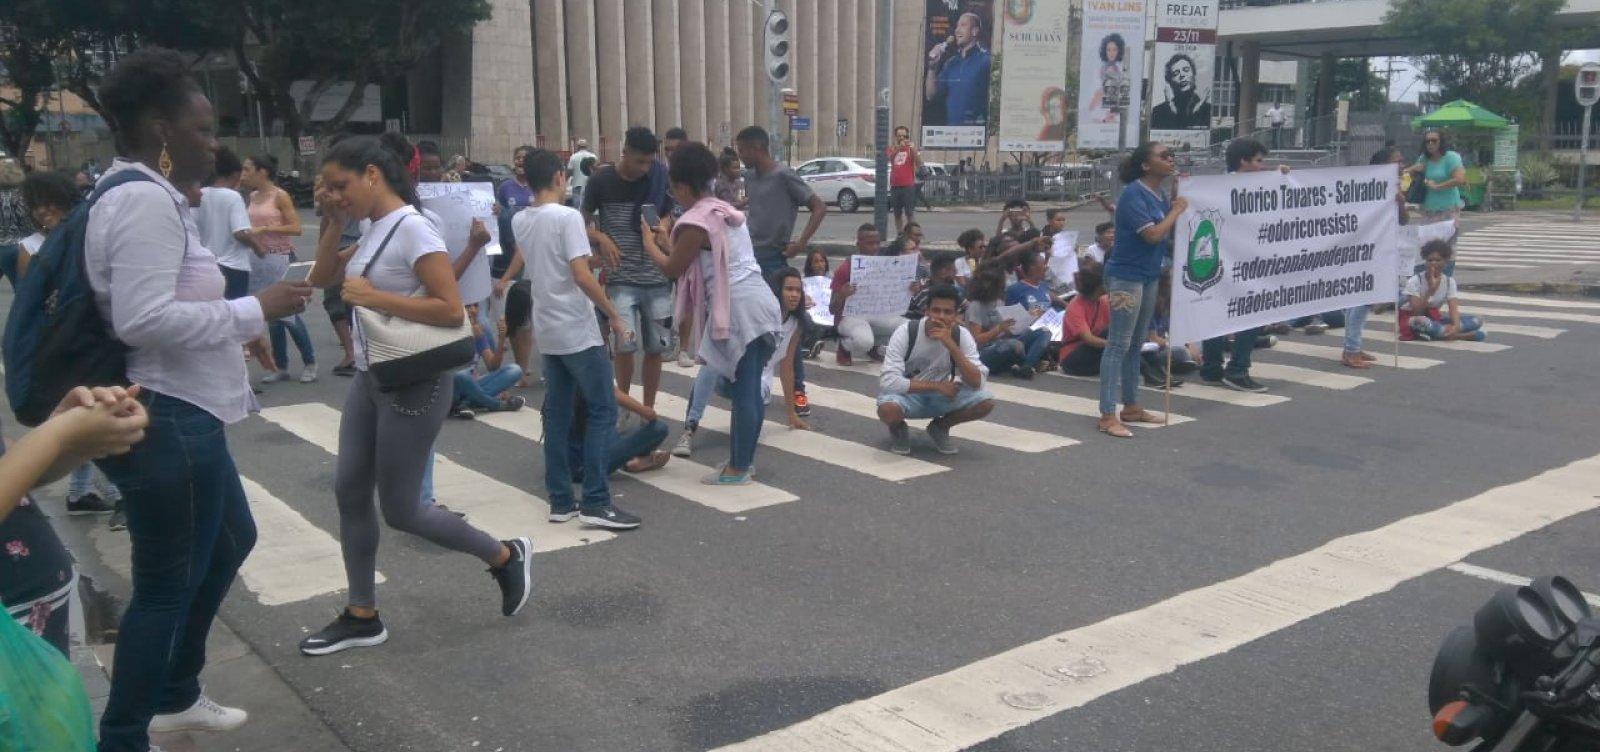 [Estudantes protestam contra fechamento do Colégio Estadual Odorico Tavares]